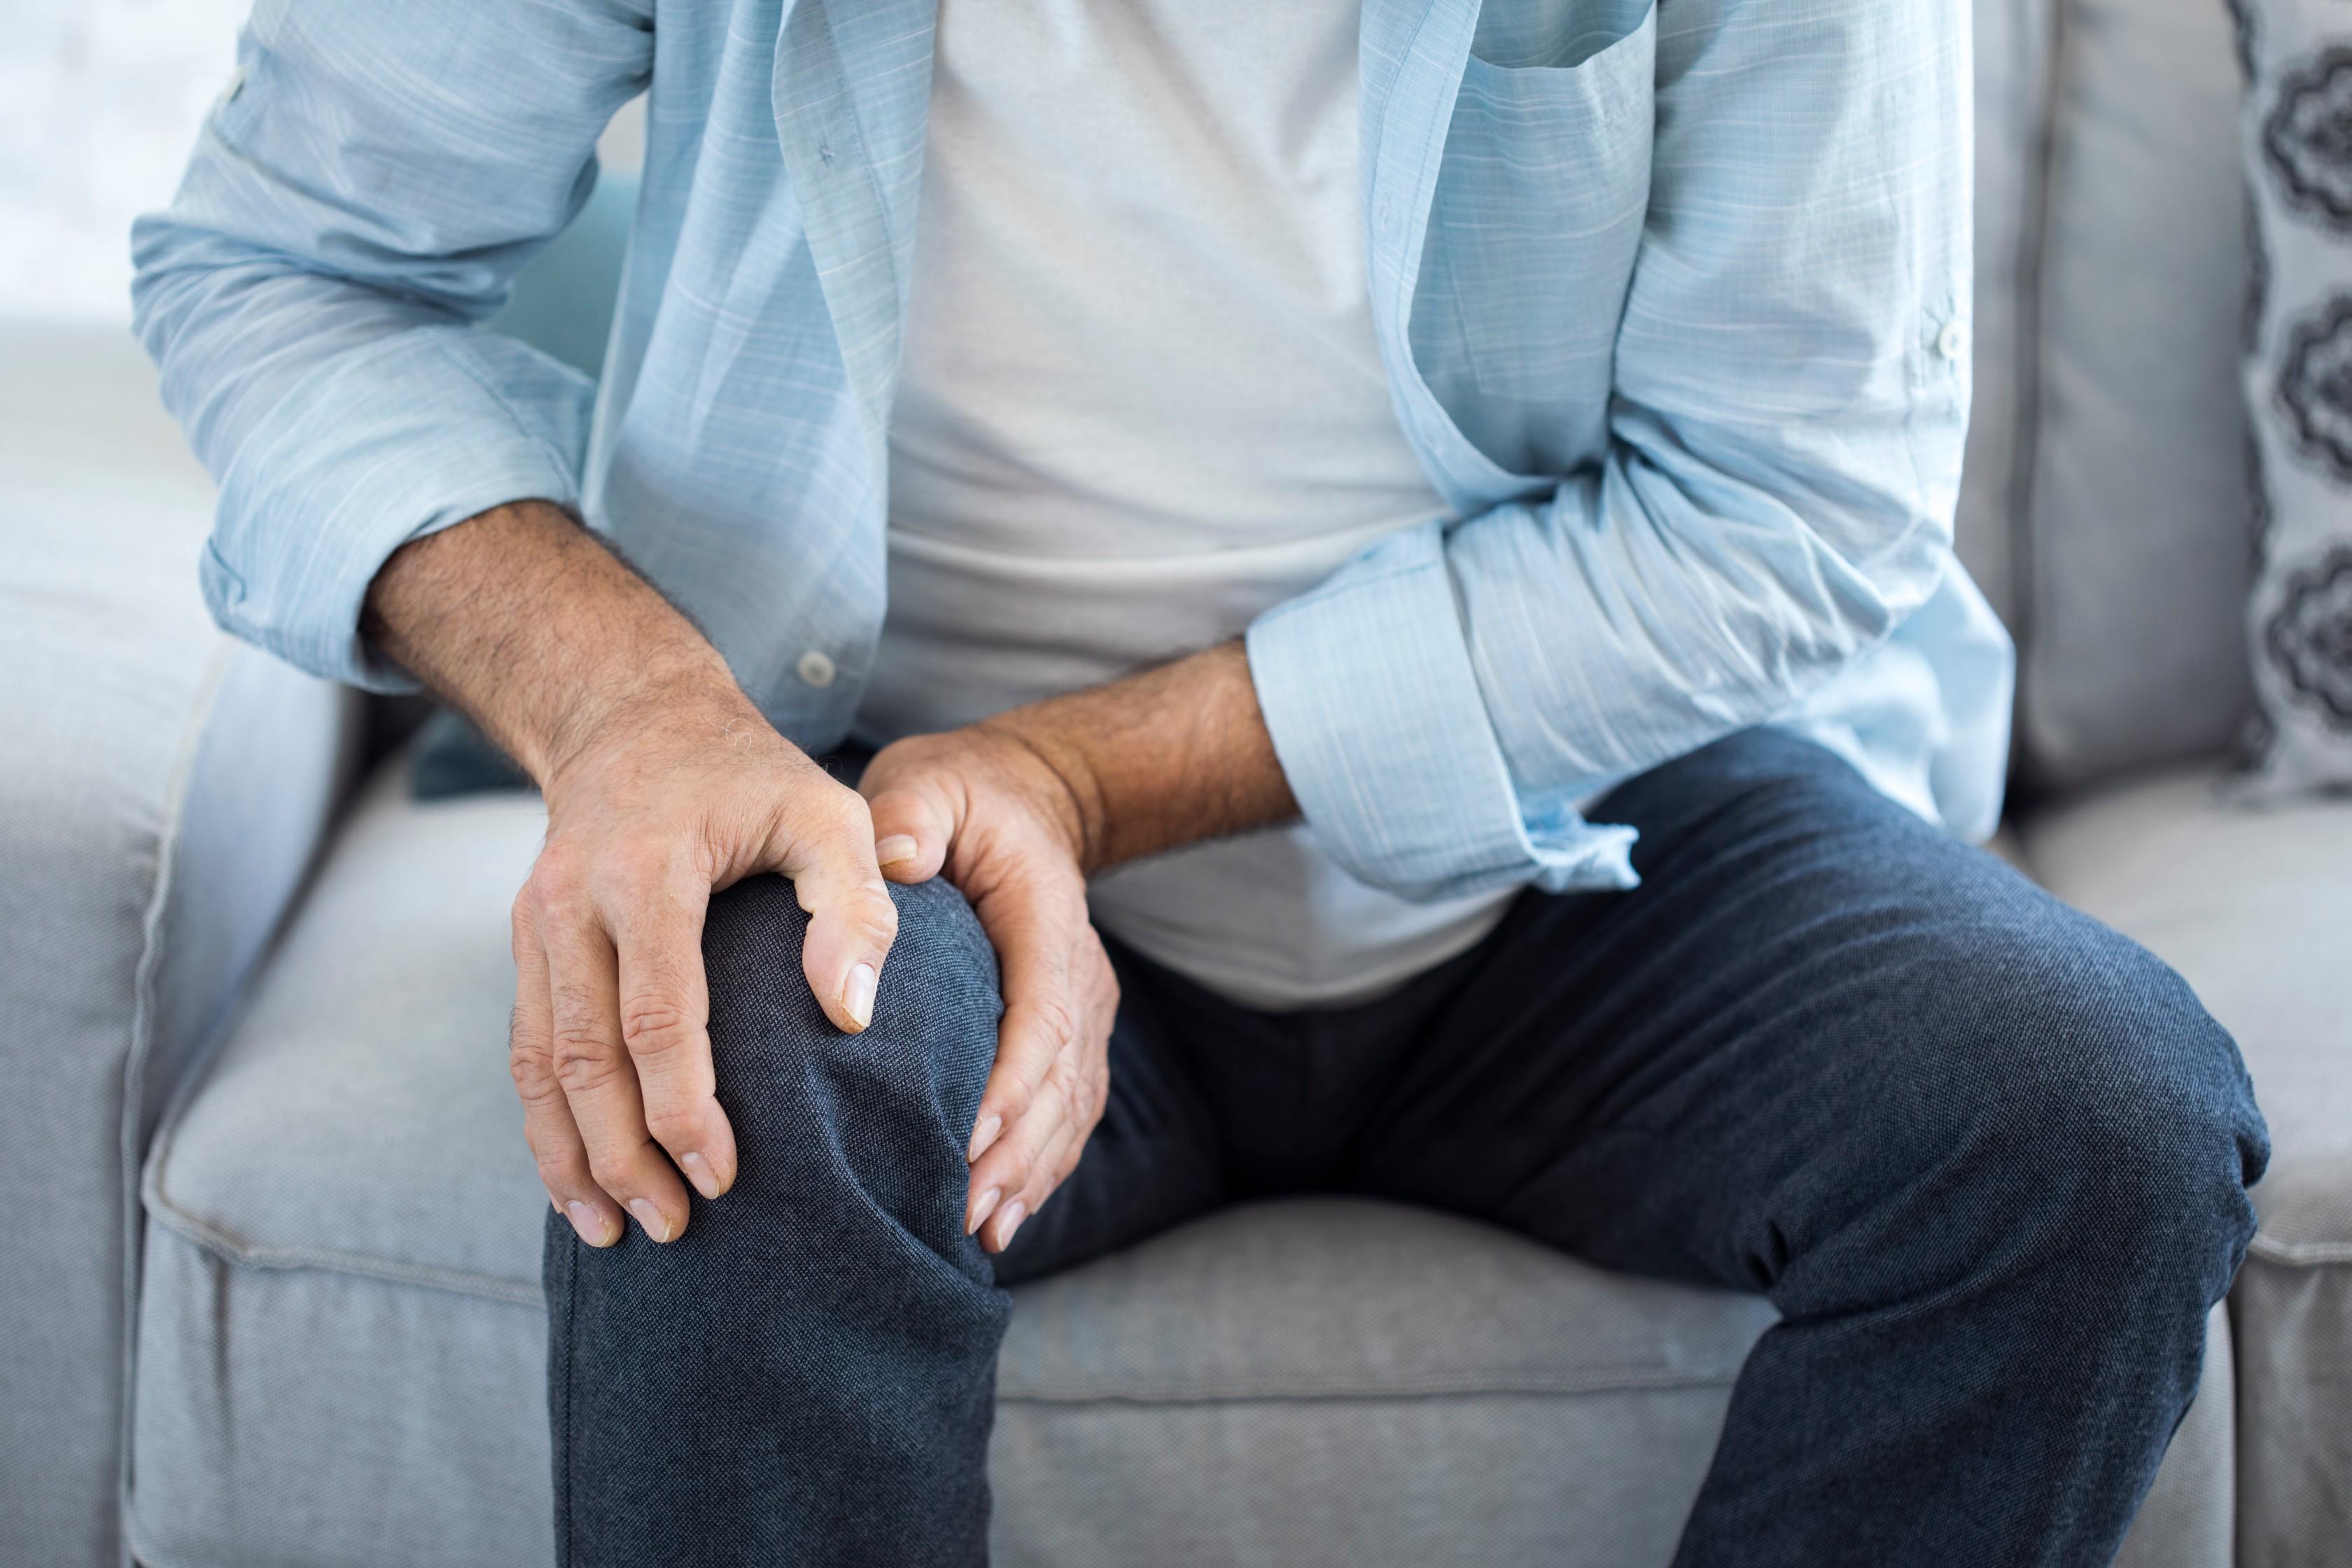 miért fáj az ízületek a kezelés